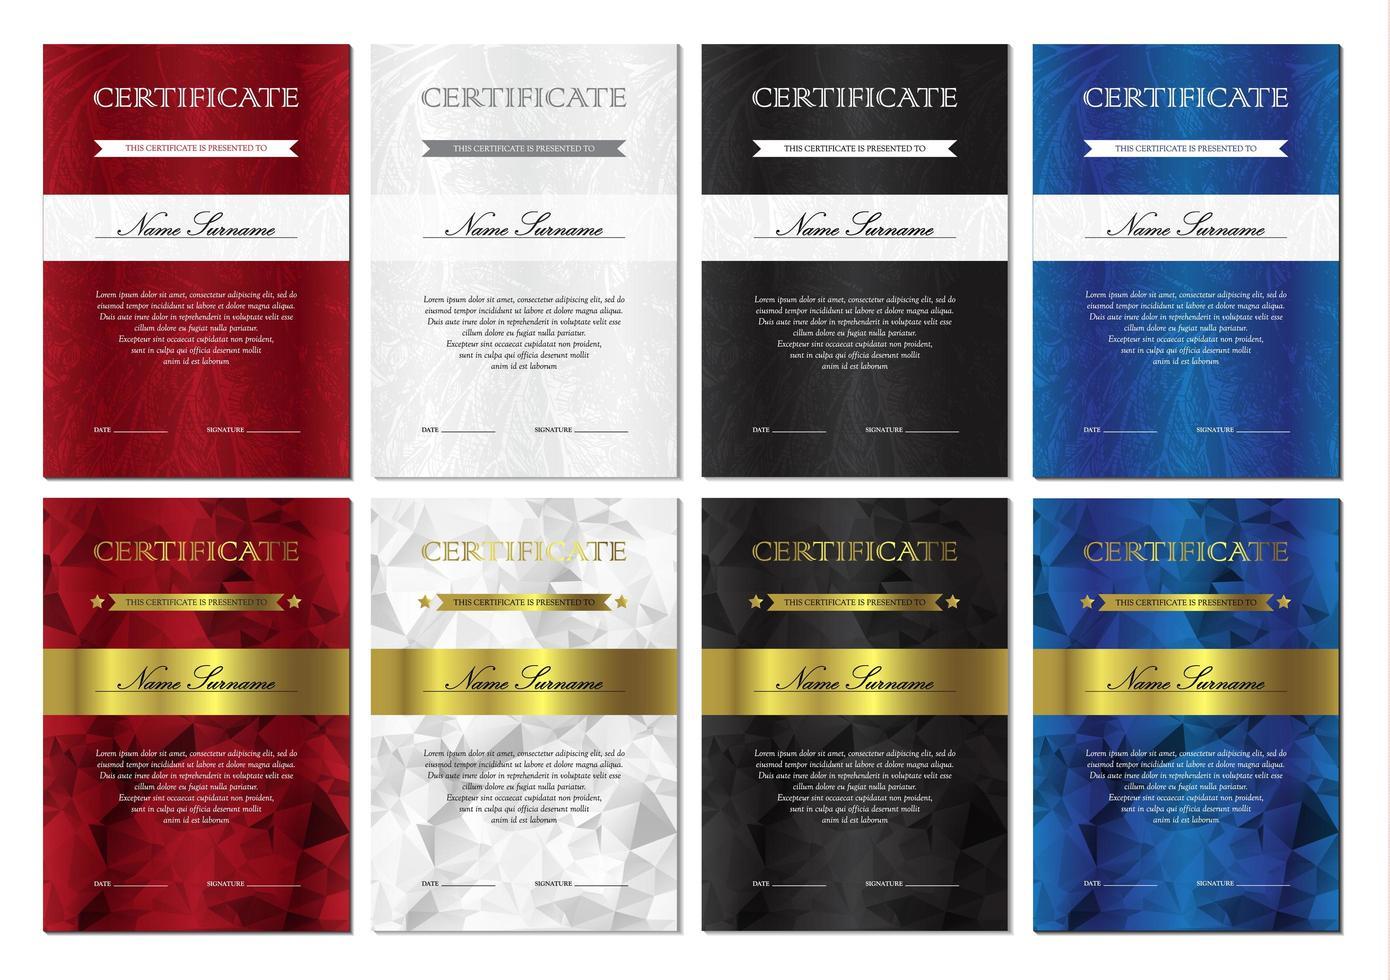 conjunto de modelos de certificado e diploma vetor